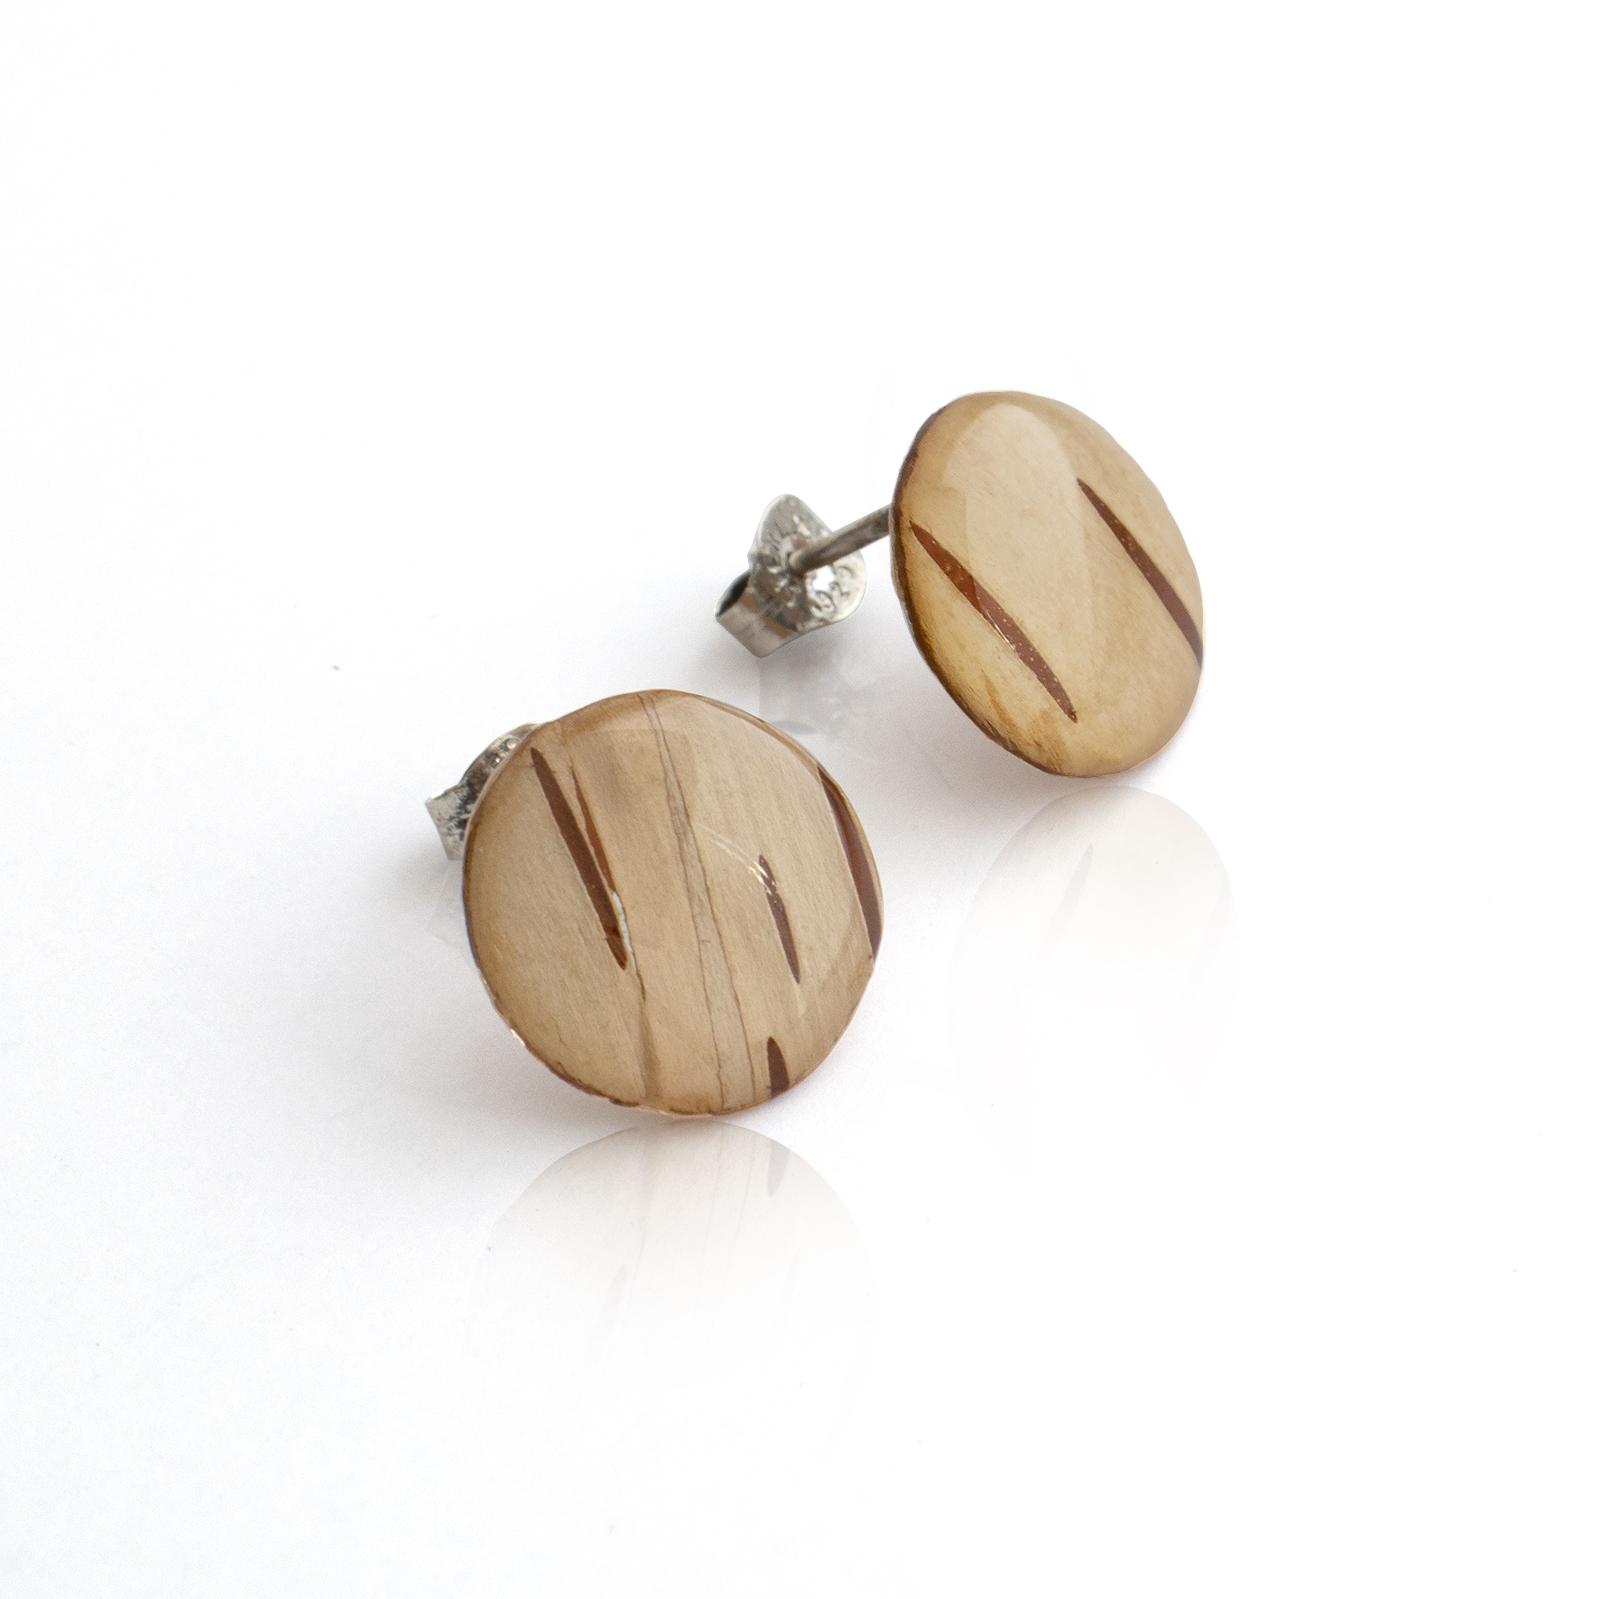 Birch Bark Studs - Round